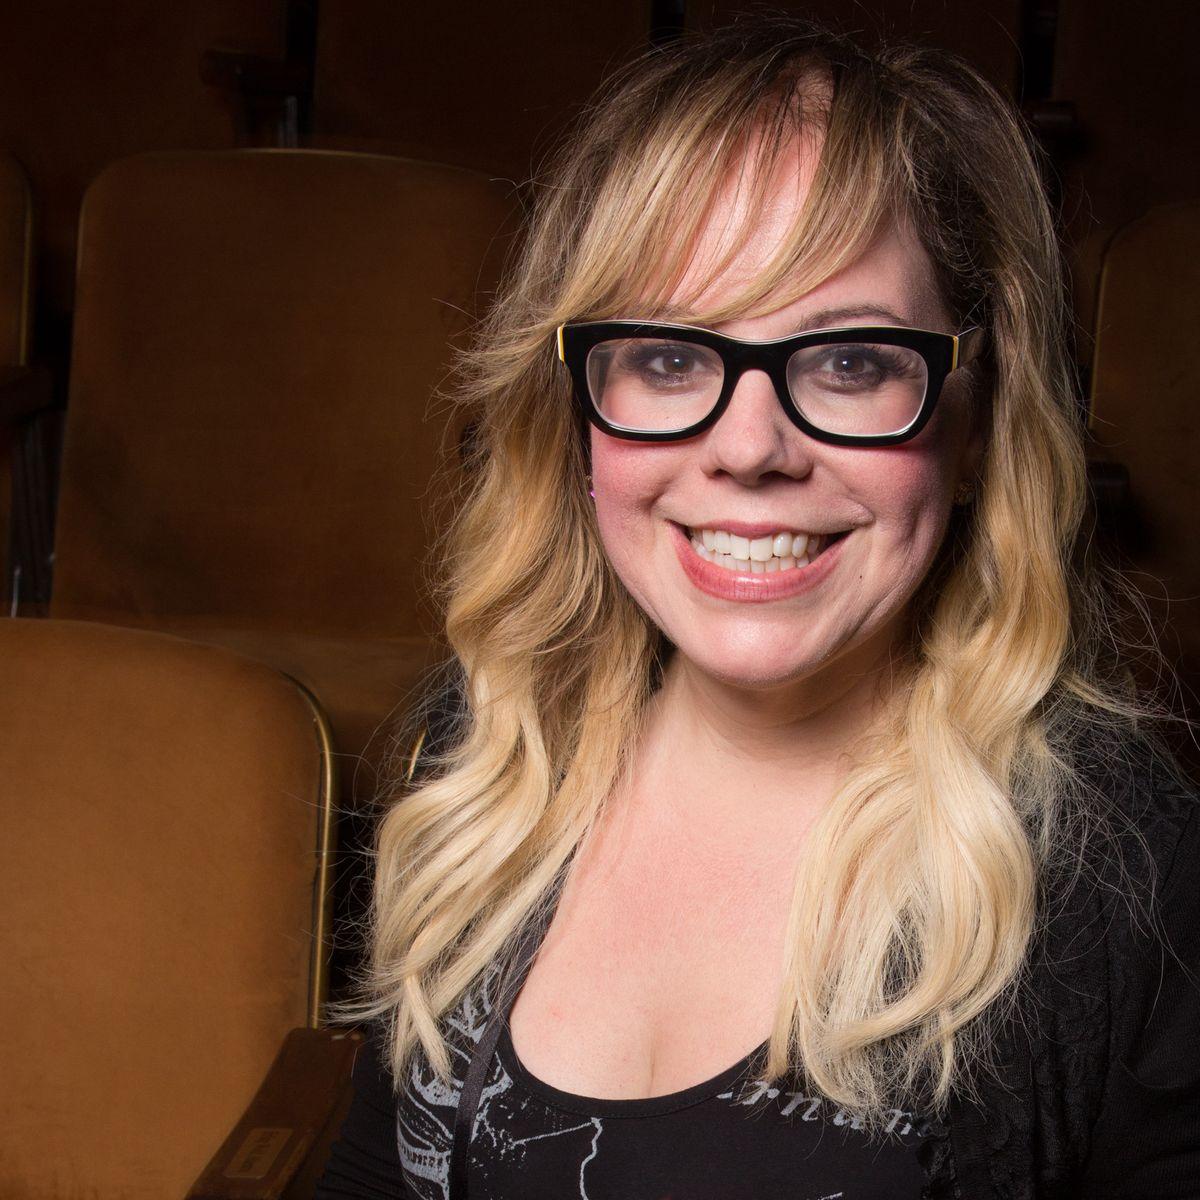 Kristen Vangsness